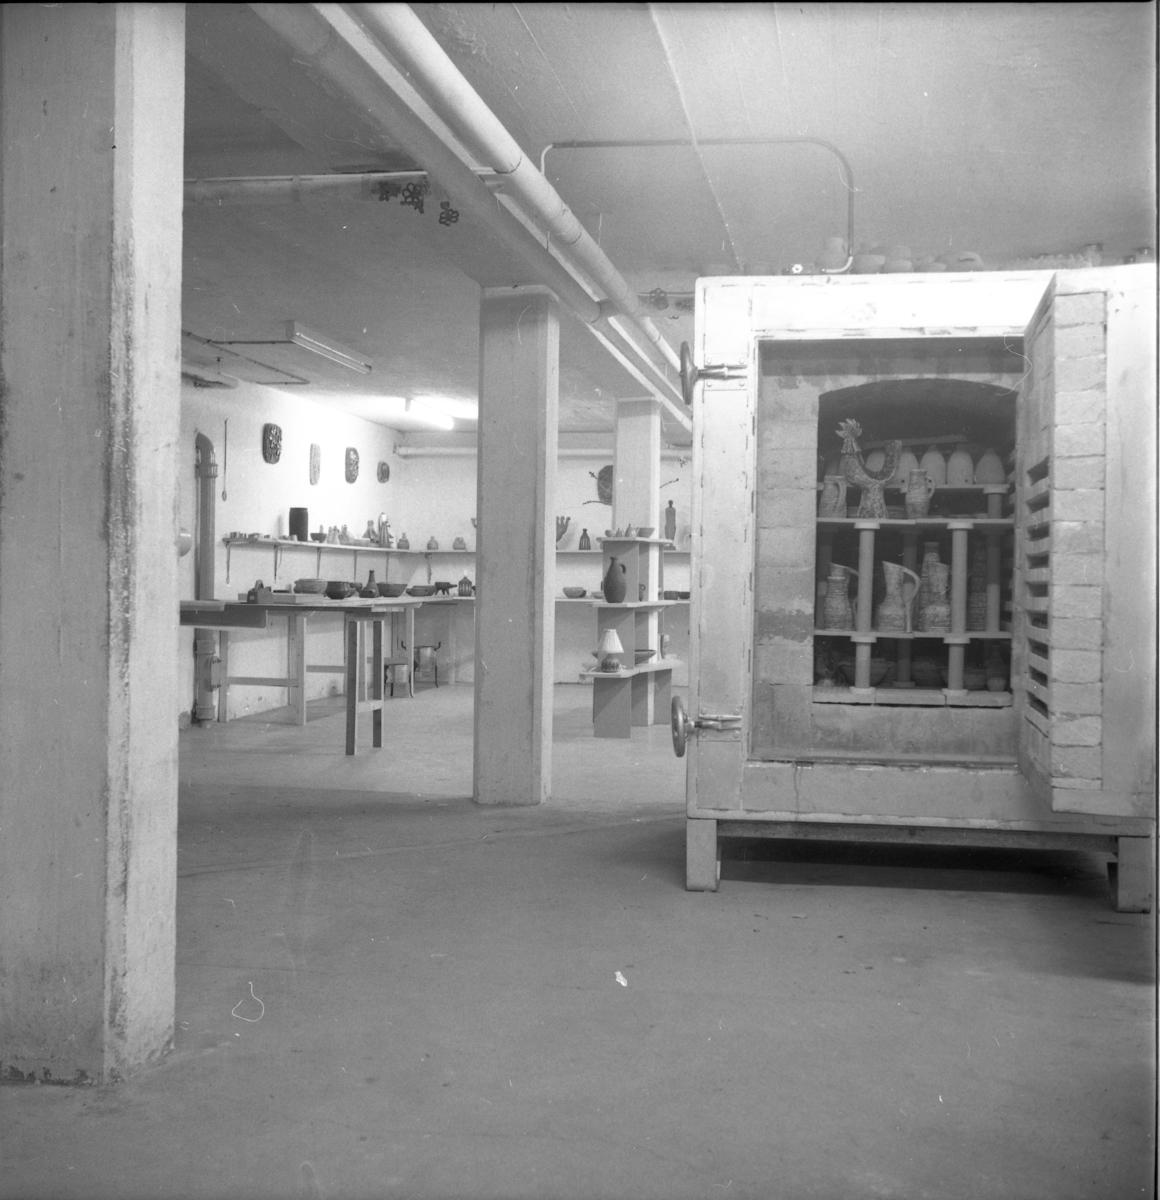 """Olle """"Keramik-Olle"""" Hermanssons keramikverkstad på Brahegatan 44."""